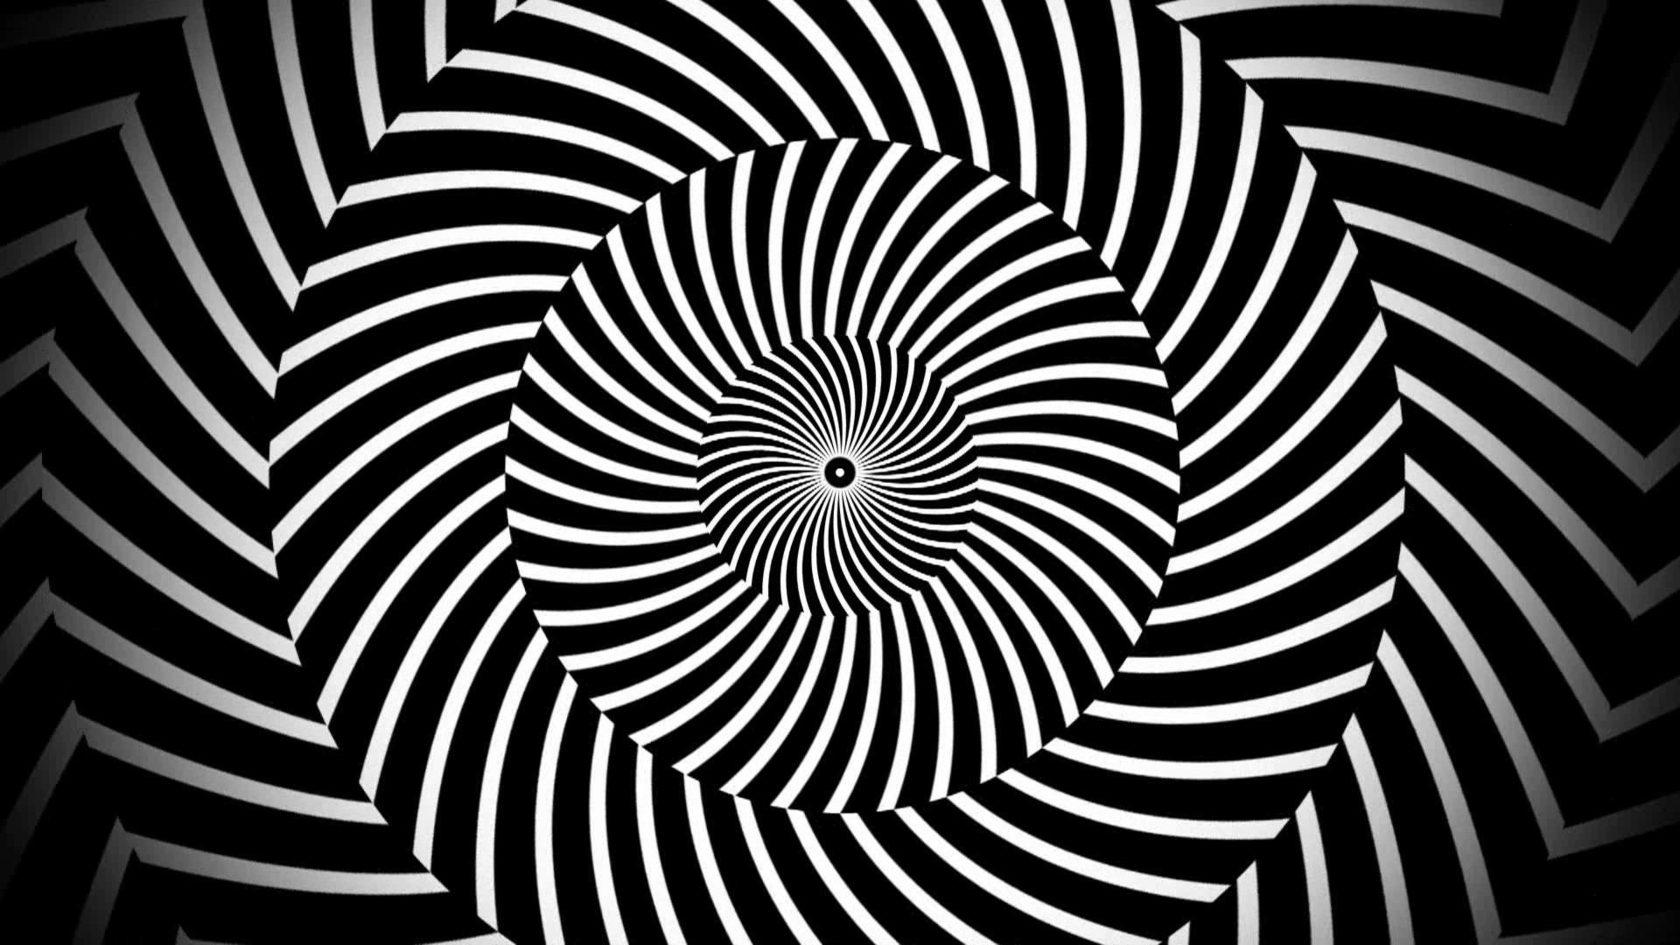 В чём суть гипноза